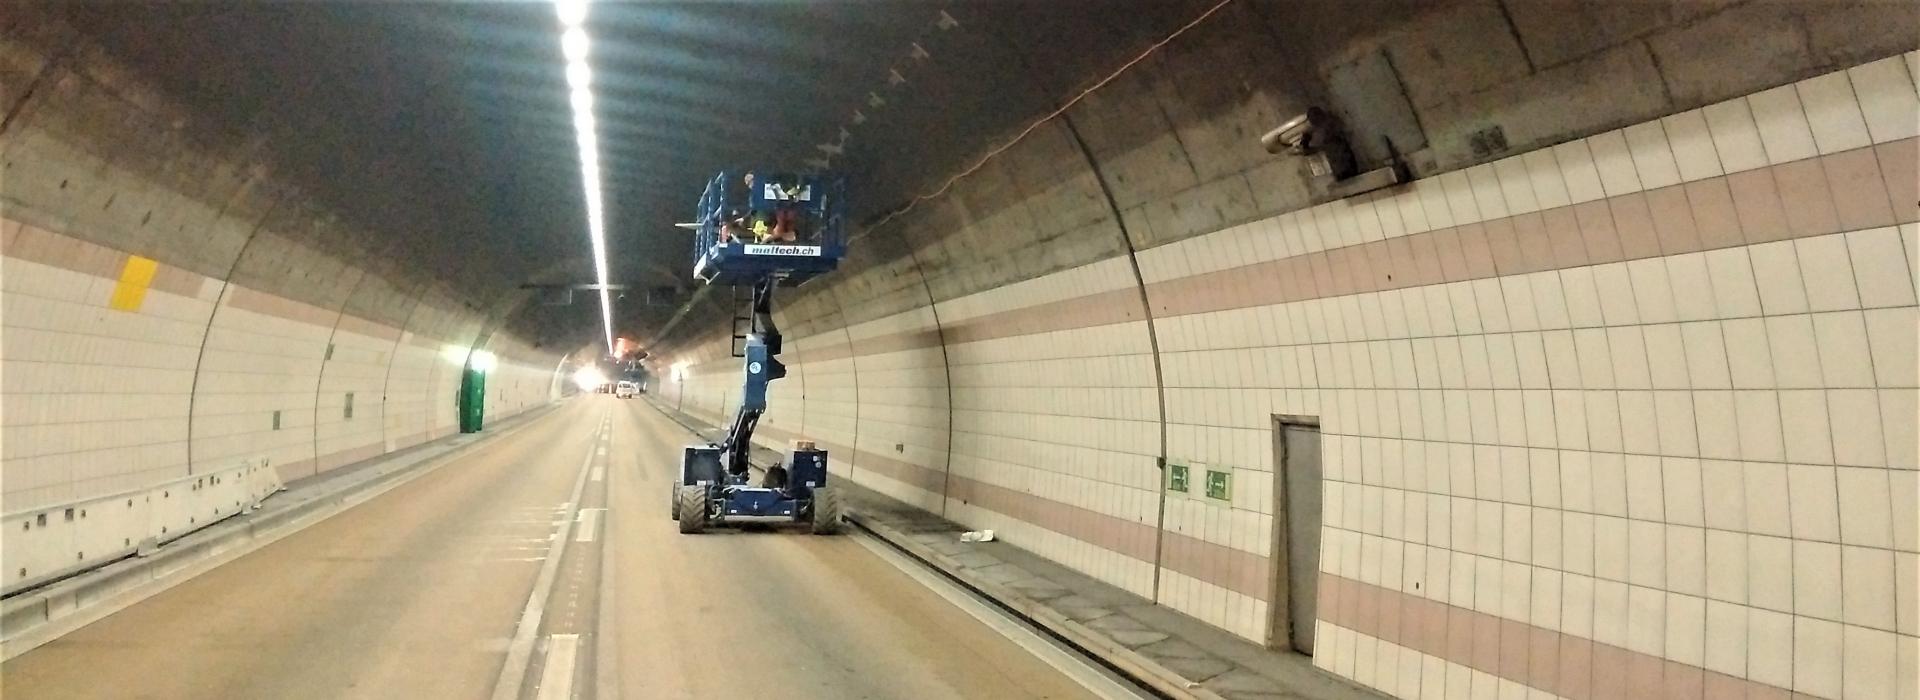 Sanierung der Umfahrungstunnel in Genf